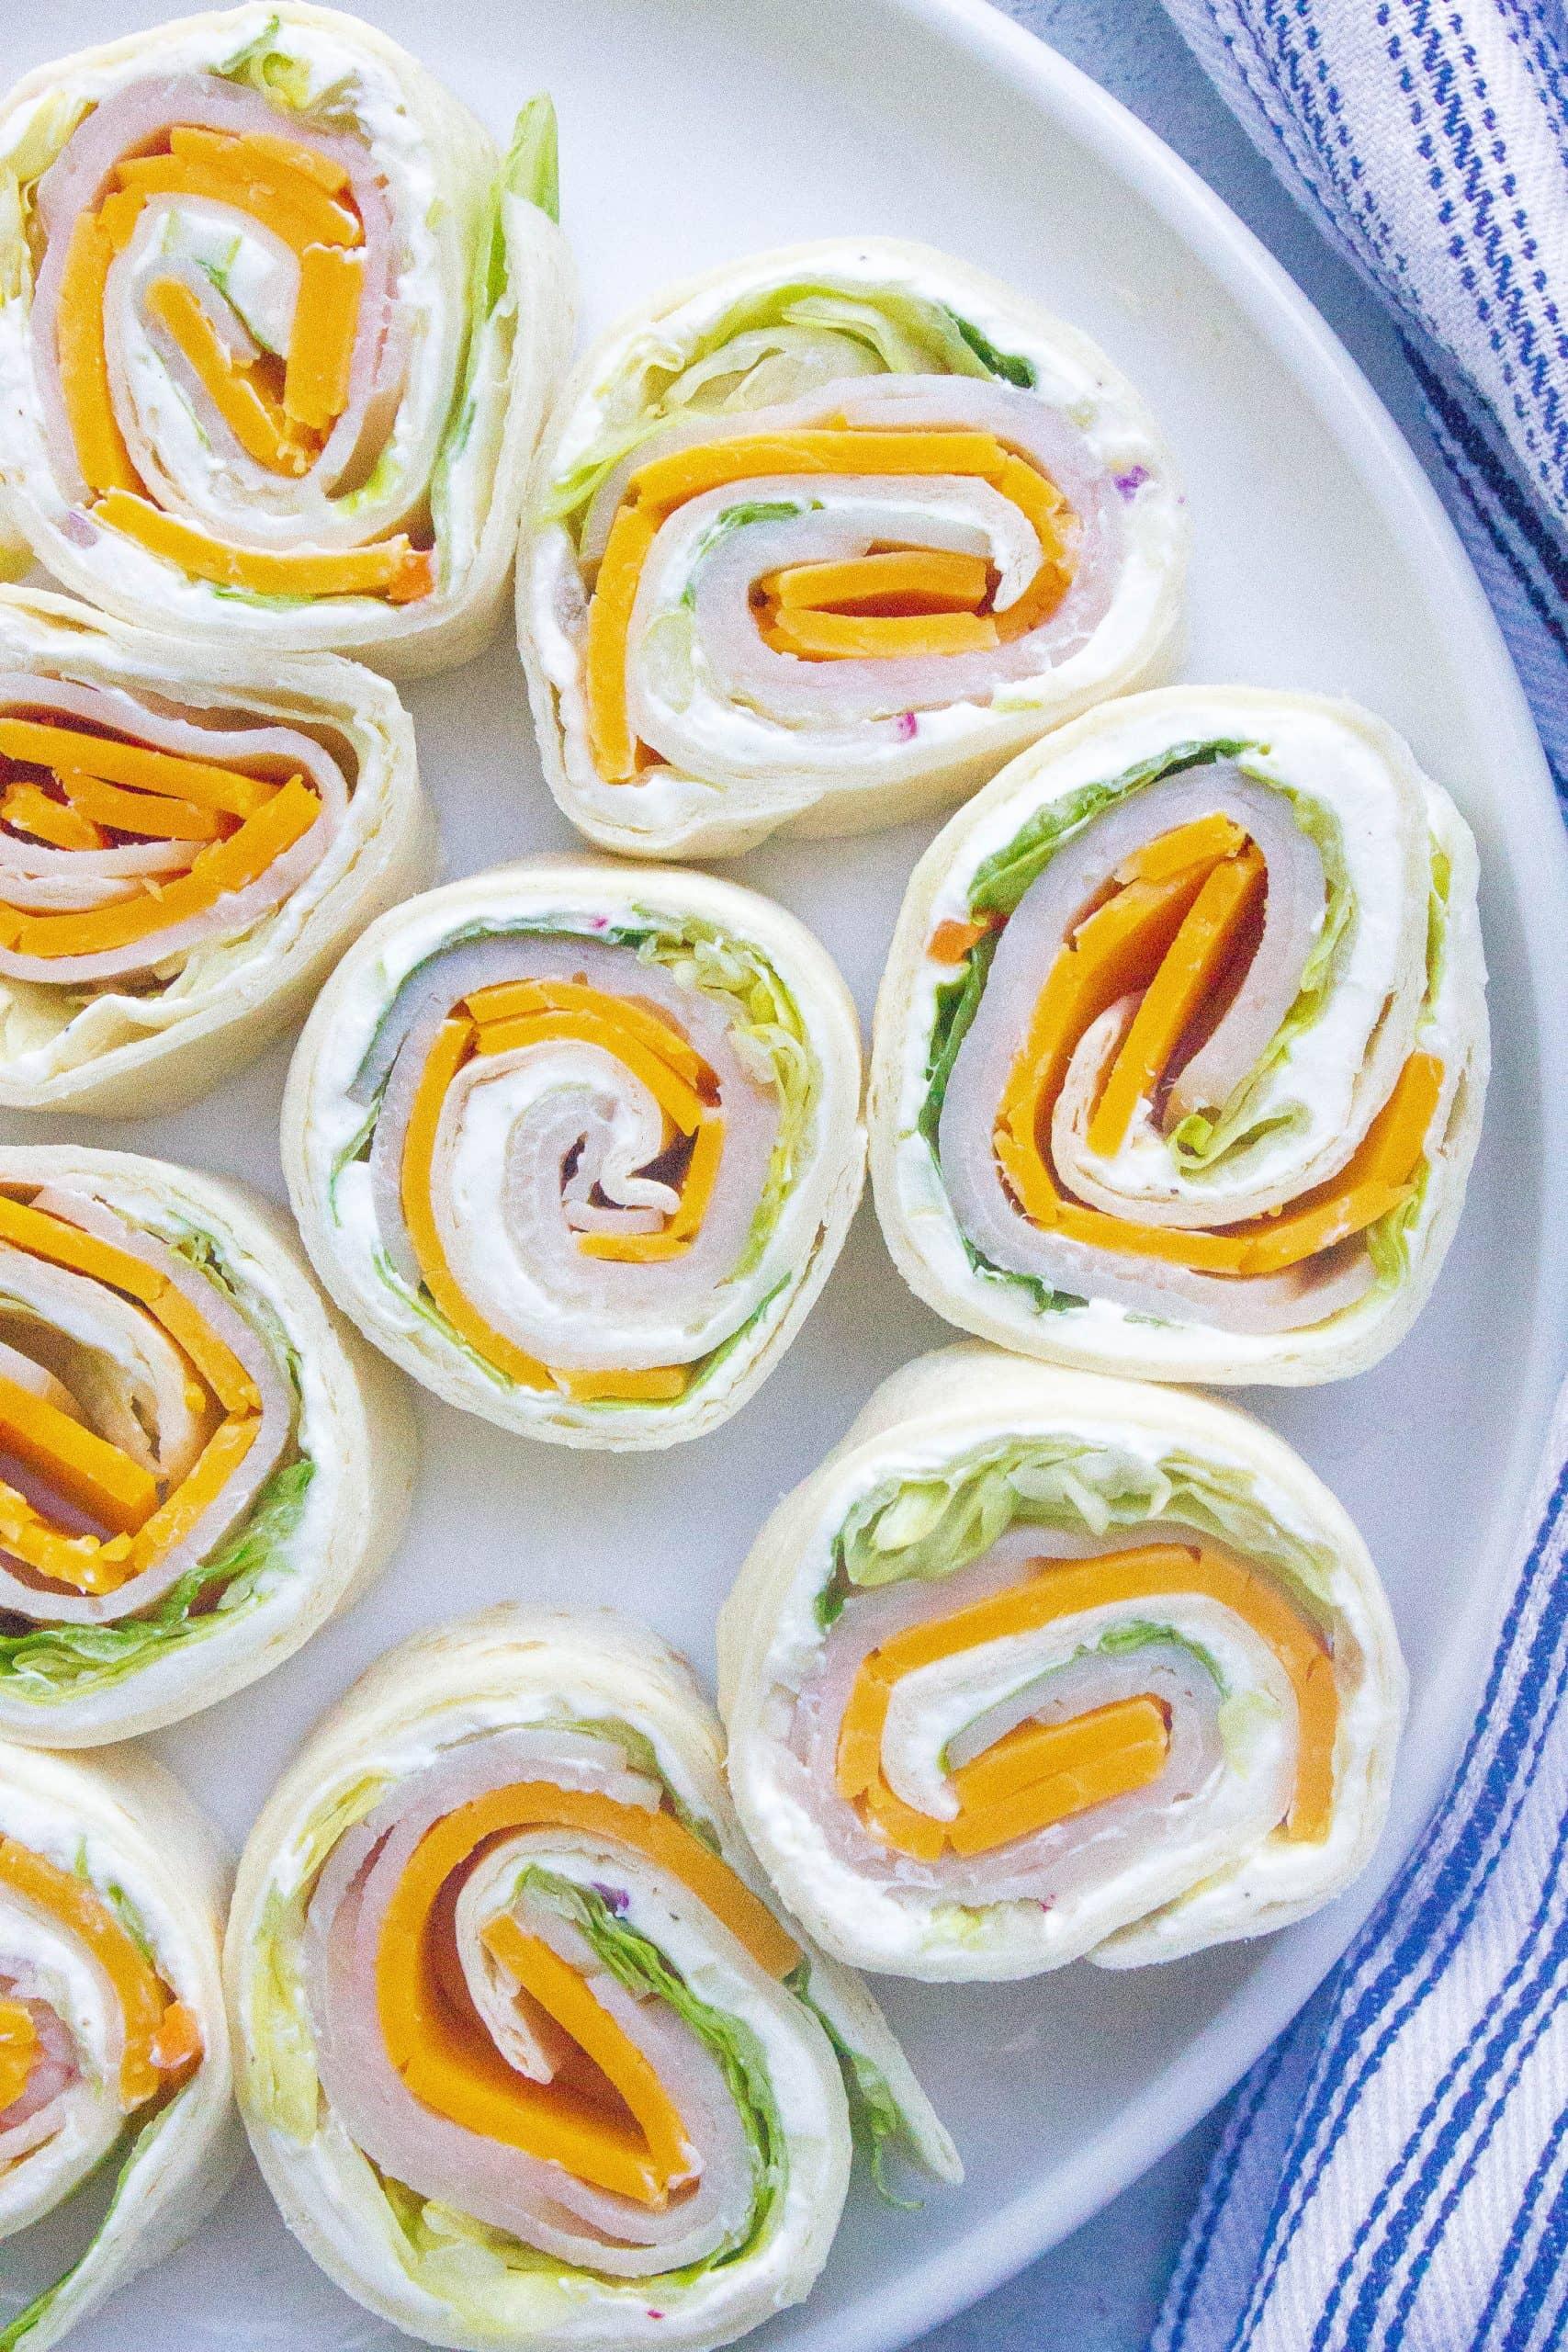 Turkey Cheddar Lunch Roll Ups